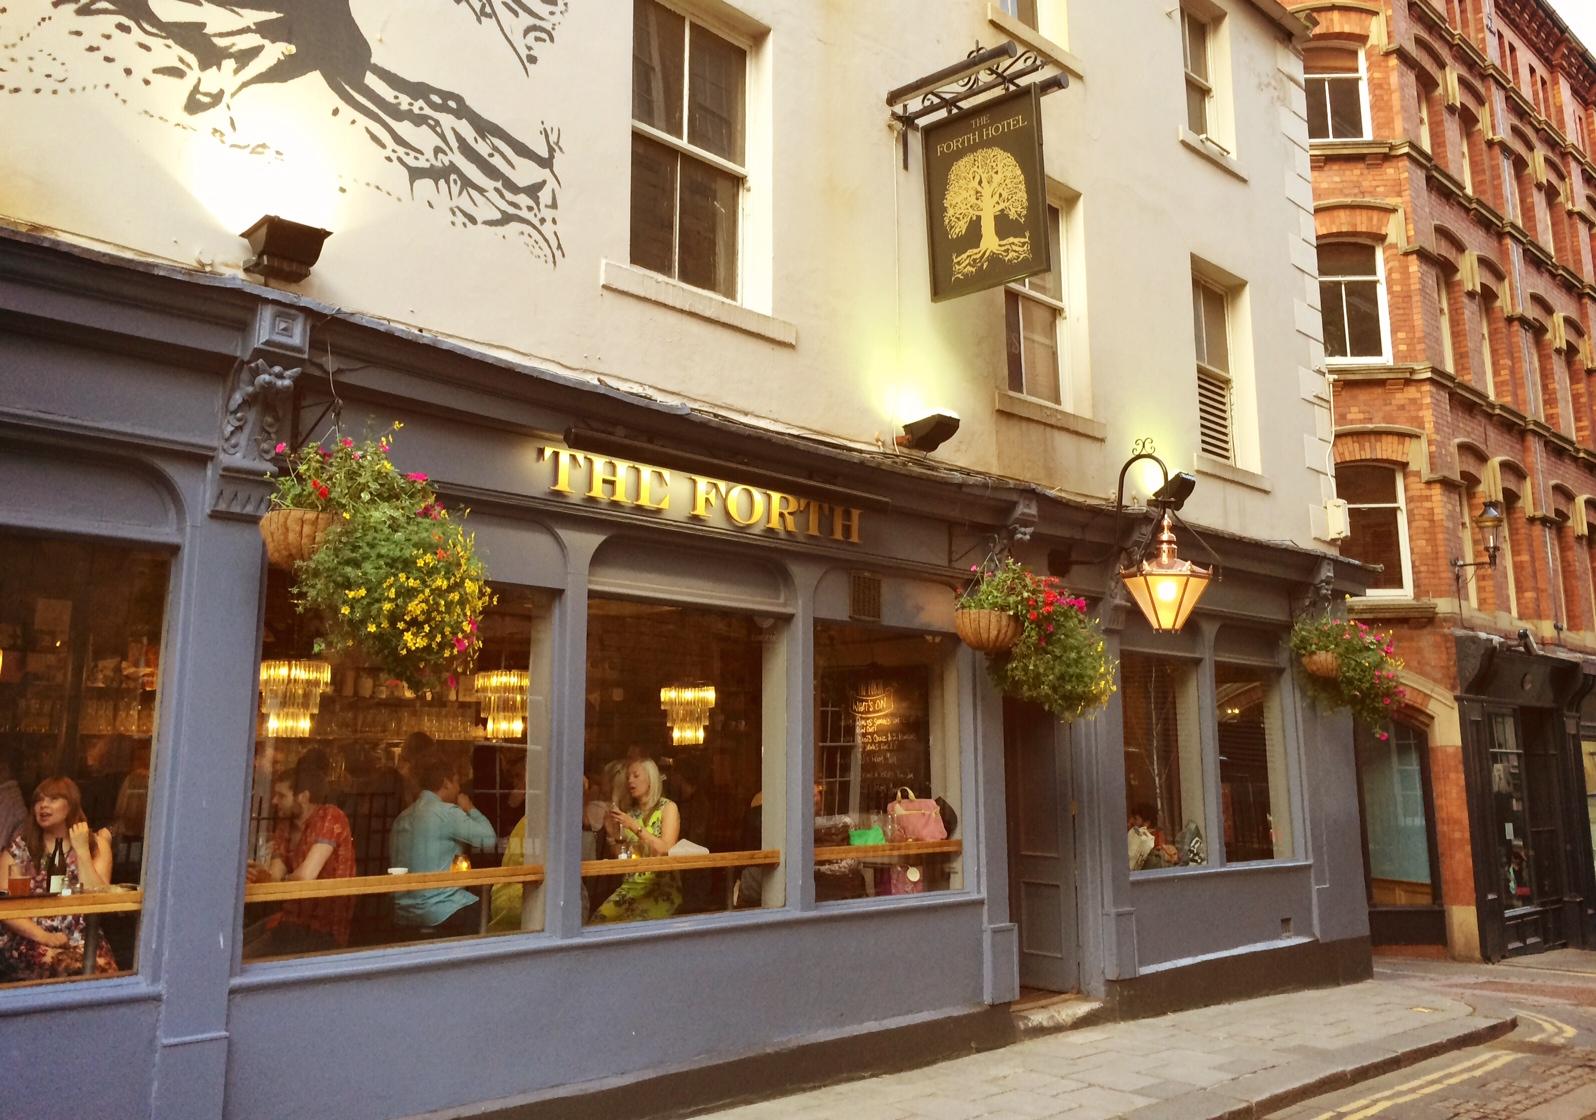 Pub Newcastle - Forth Hotel